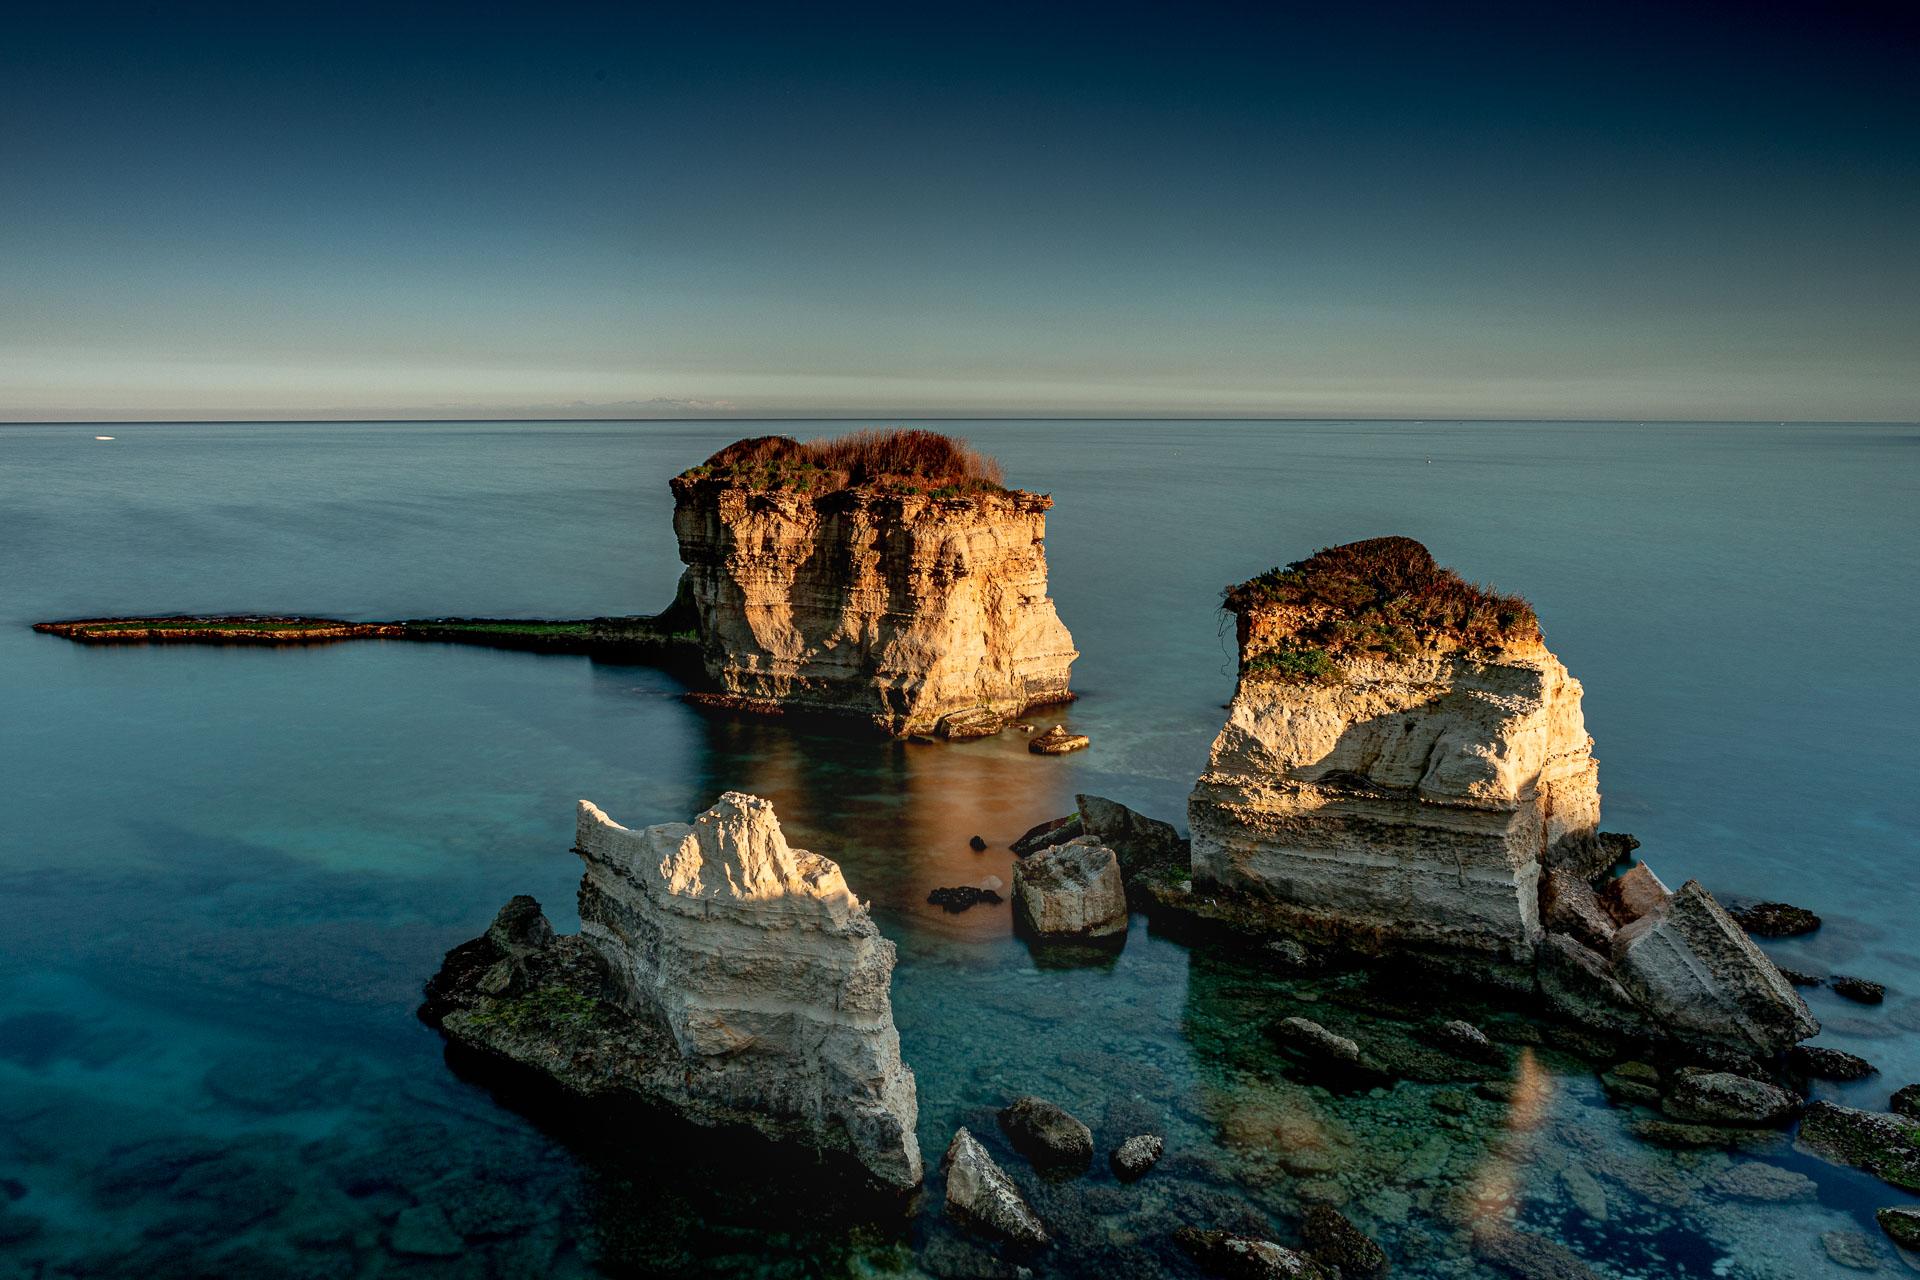 Scogliera costa nord di Otranto, seascape long exposure photography